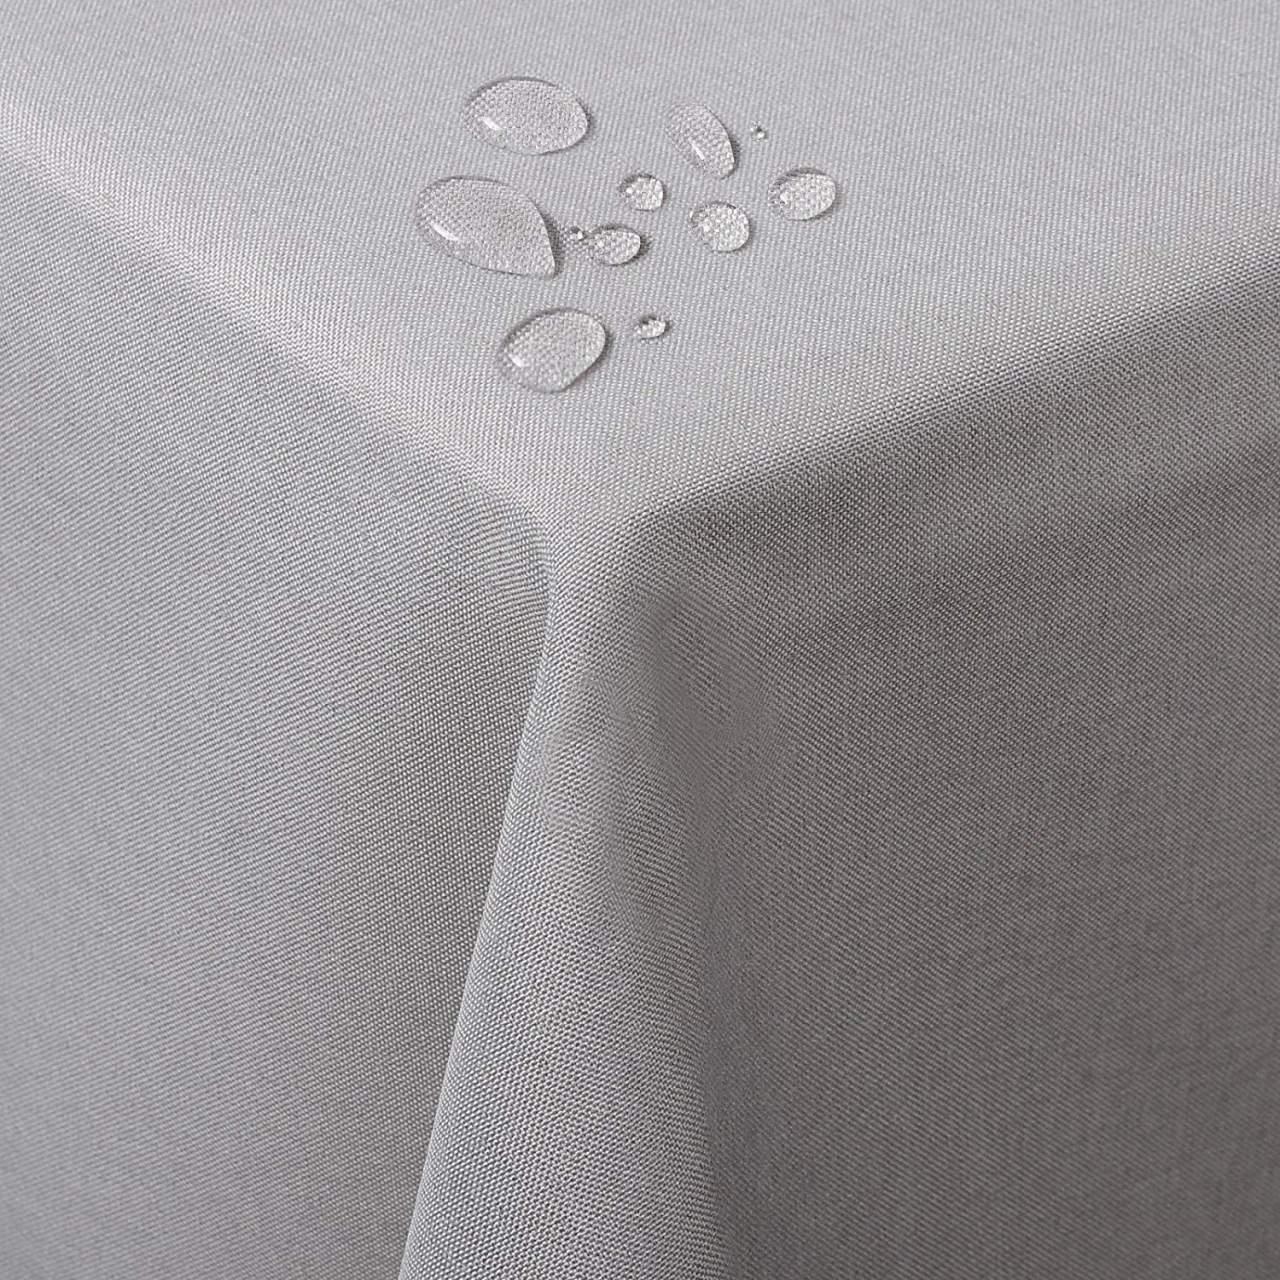 Mantel ⚫ GRIS CLARO diámetro180cm [porconfeccionar] [listoen5·7días]